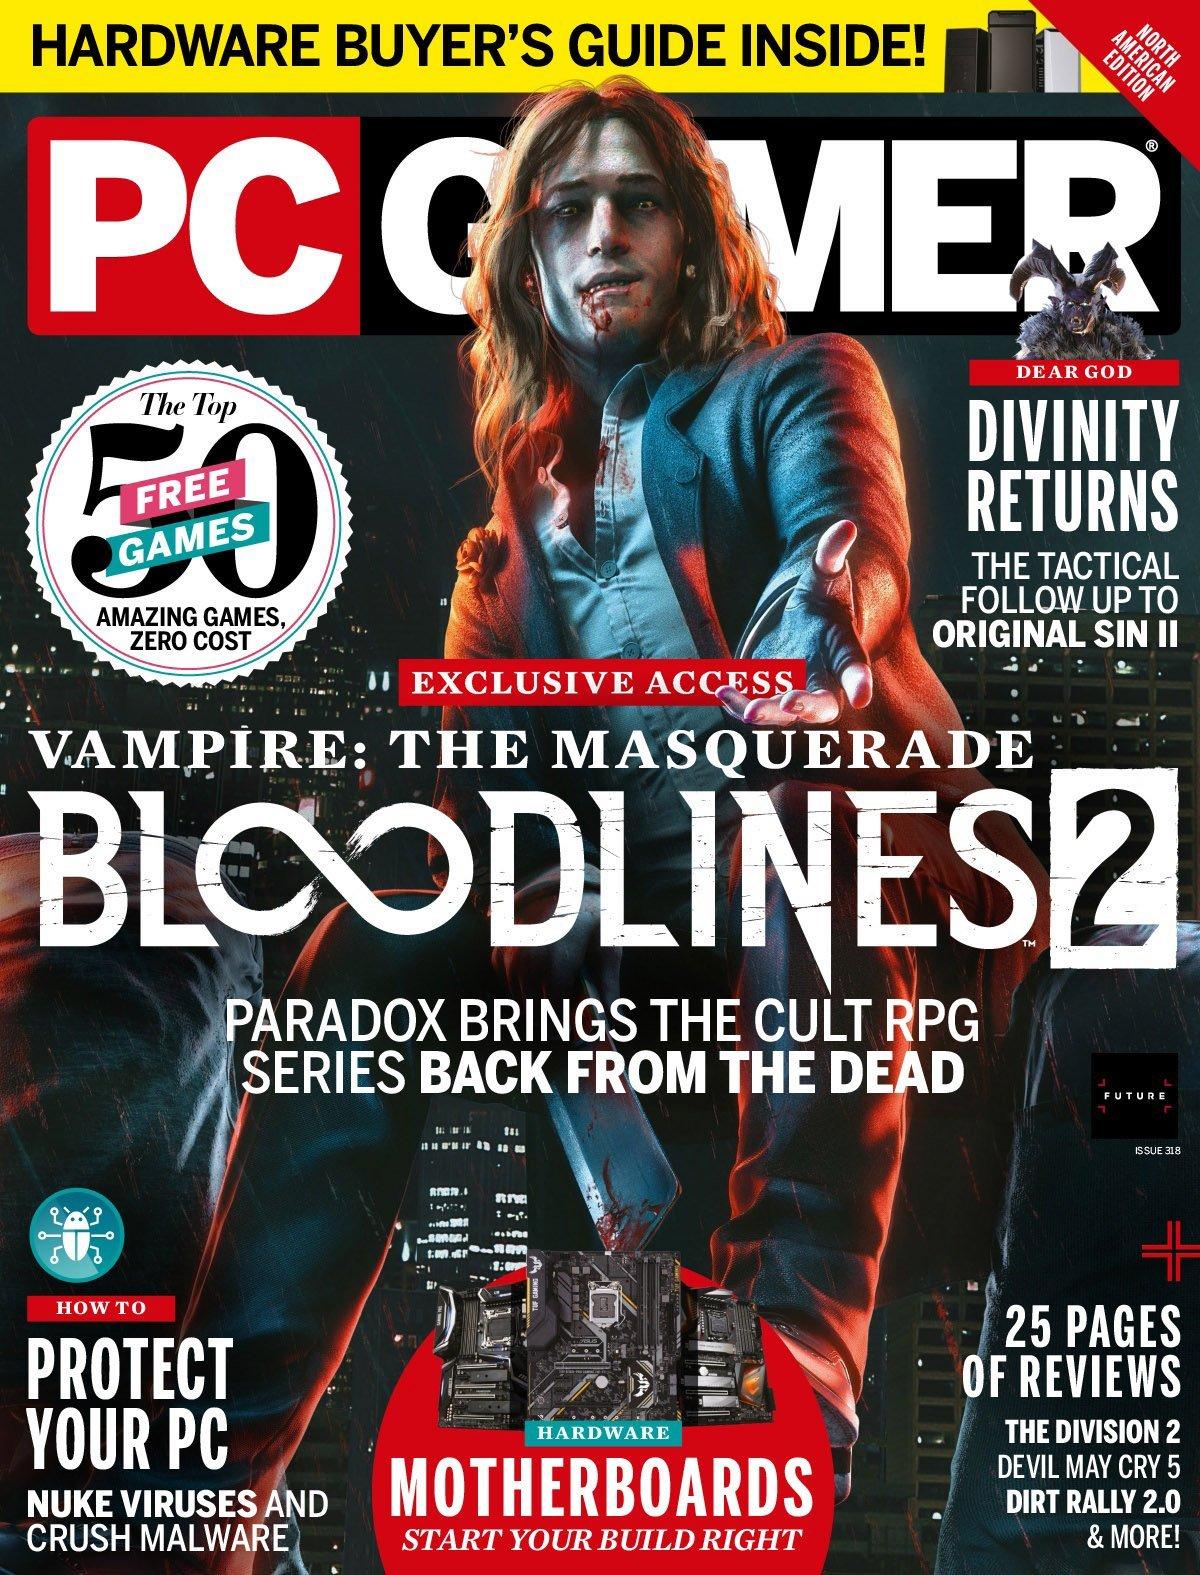 PC Gamer Issue 318 (June 2019)